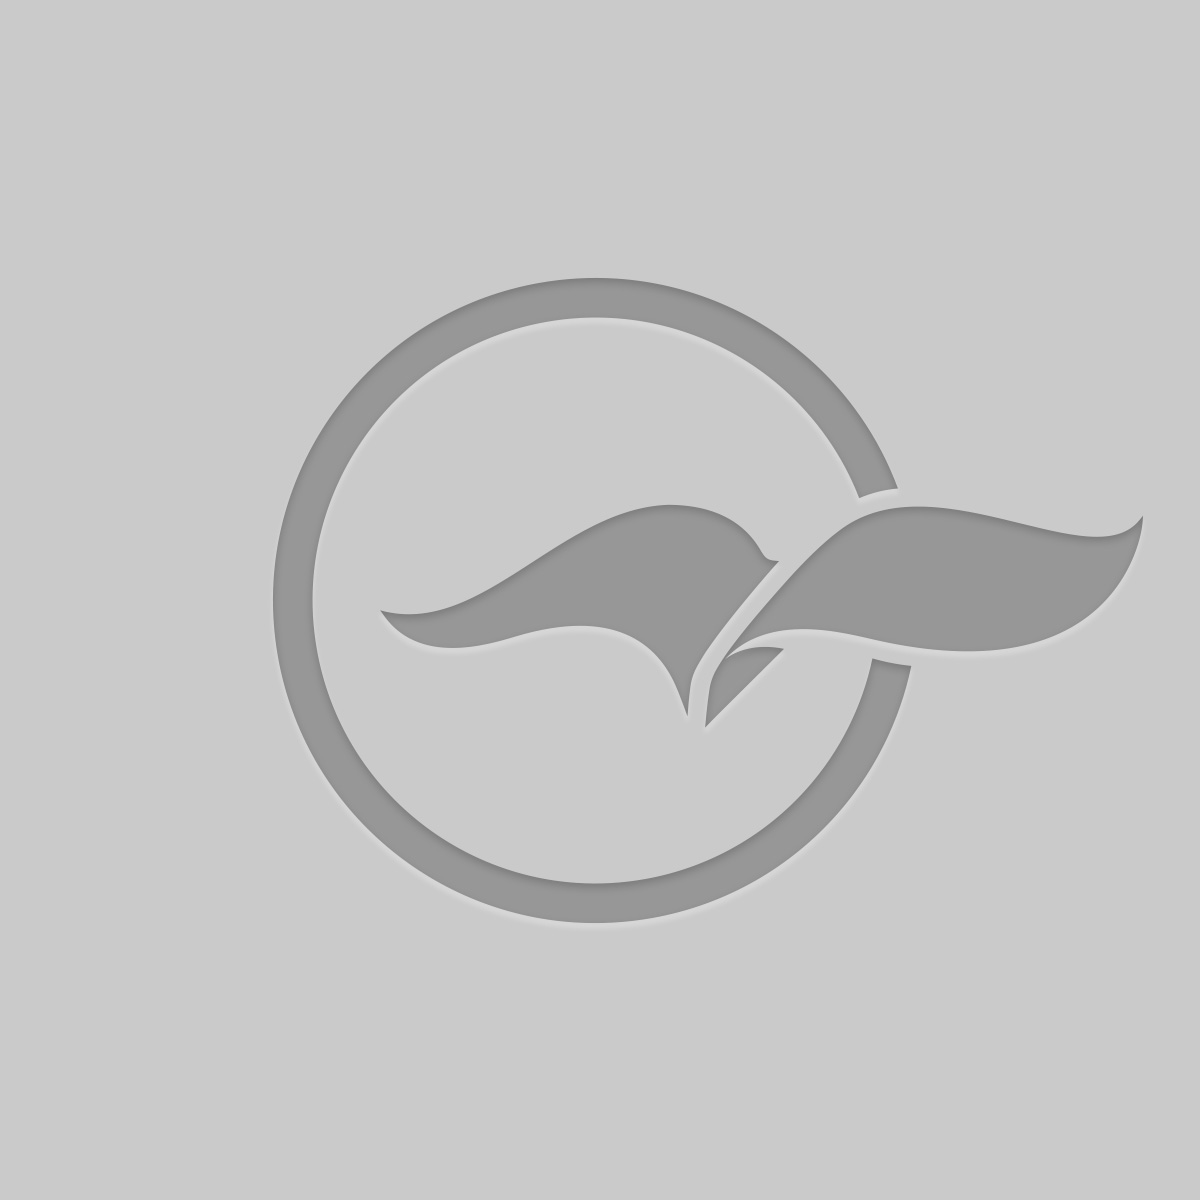 എ.എഫ്.സി അണ്ടർ19: ഗ്രൂപ്പ് ചാമ്പ്യൻമാരായി ഖത്തർ ക്വാർട്ടറിൽ